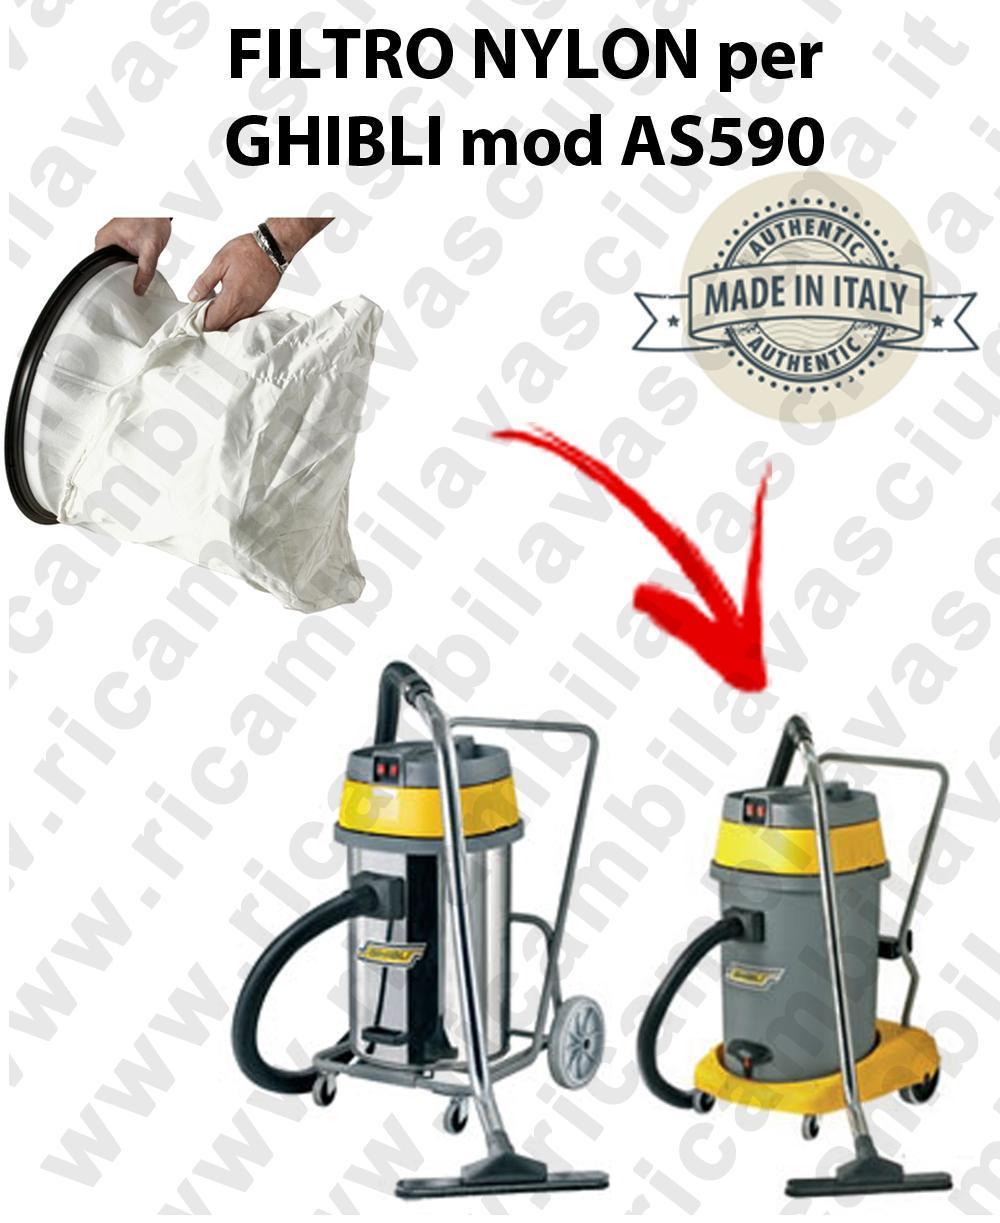 SACFILTRE NYLON cod: 3001220 pour aspirateur GHIBLI Reference AS590